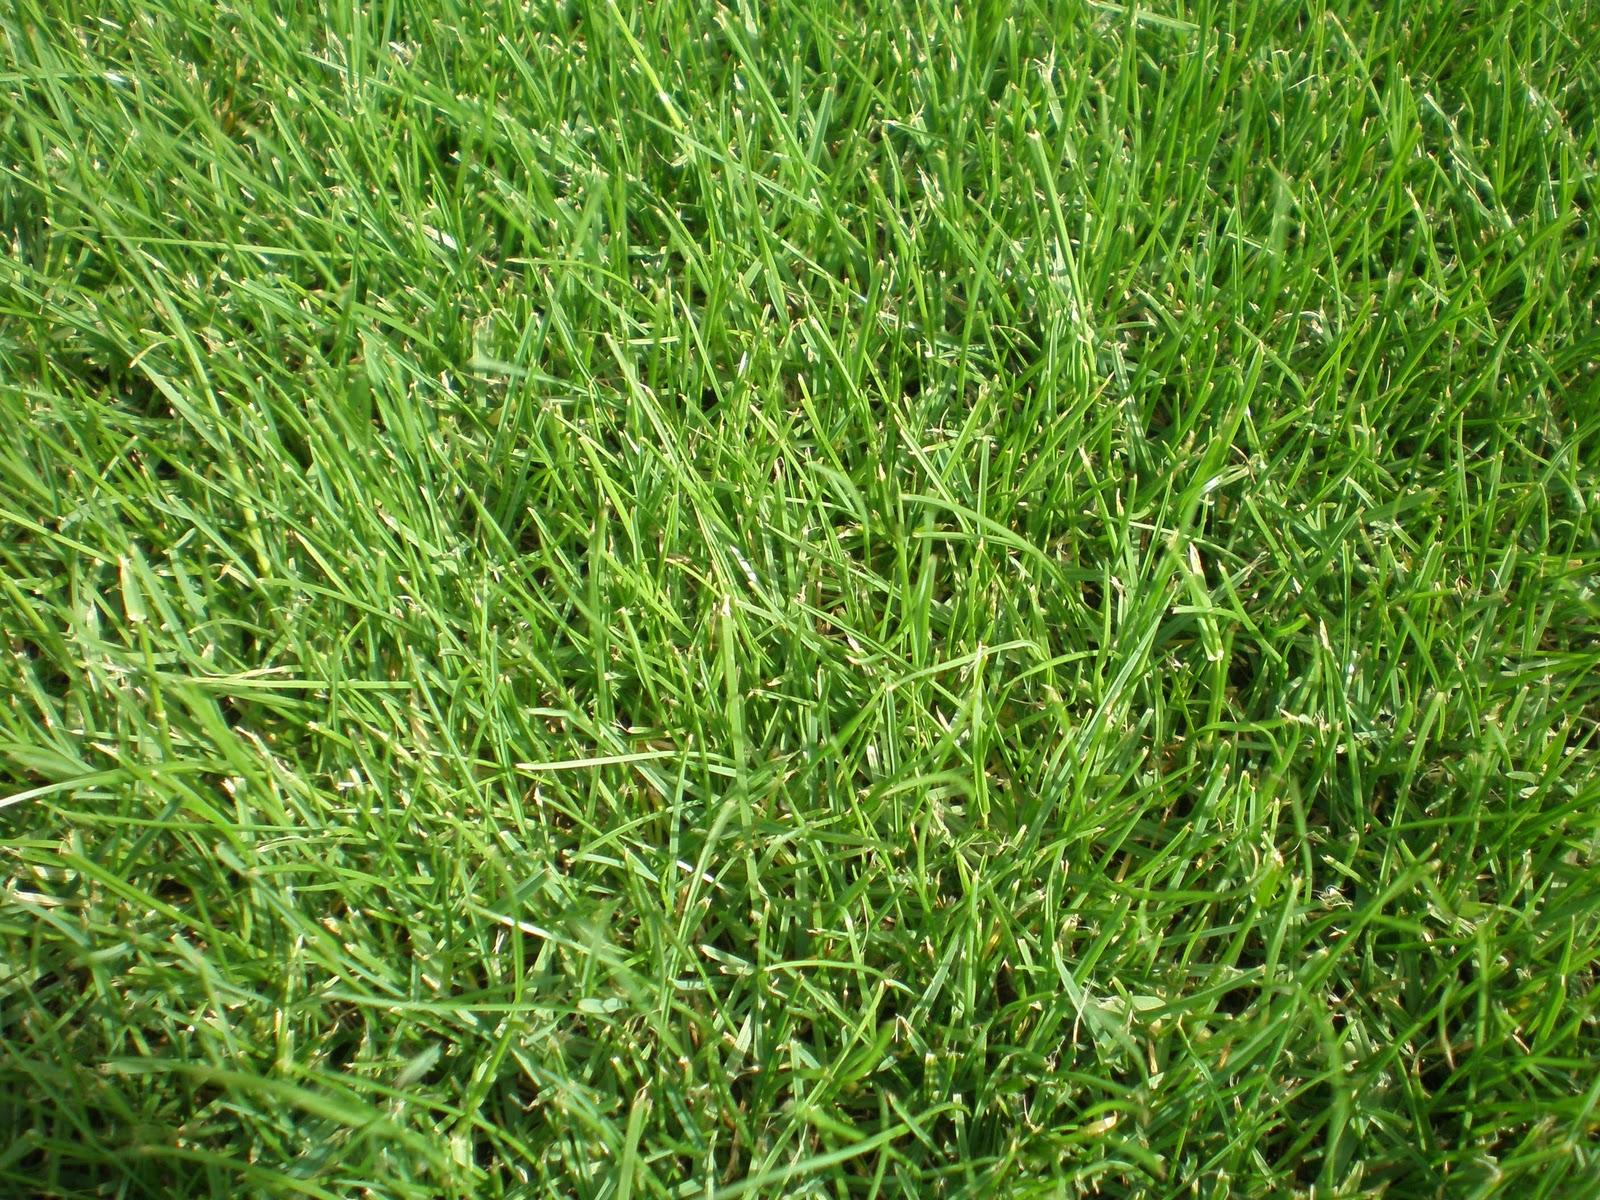 C mo se realiza la resiembra del c sped cesped flor de - Como plantar cesped en el jardin ...